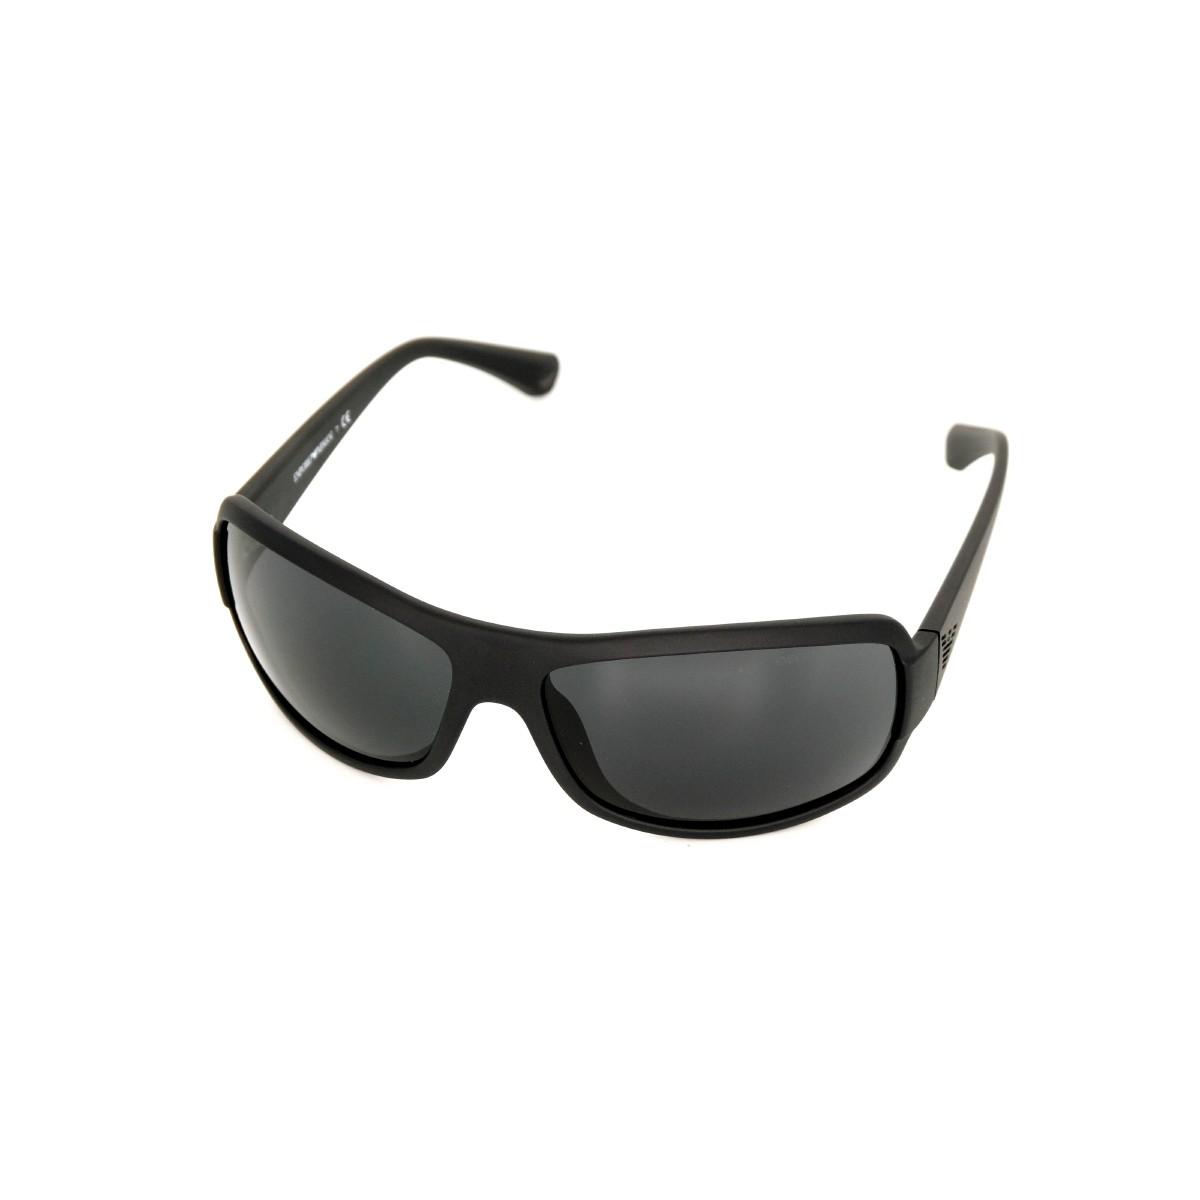 Emporio Armani 4012 matte black 504287, 76,00€, Occhiali Emporio Armani Nero a forma Rettangolare